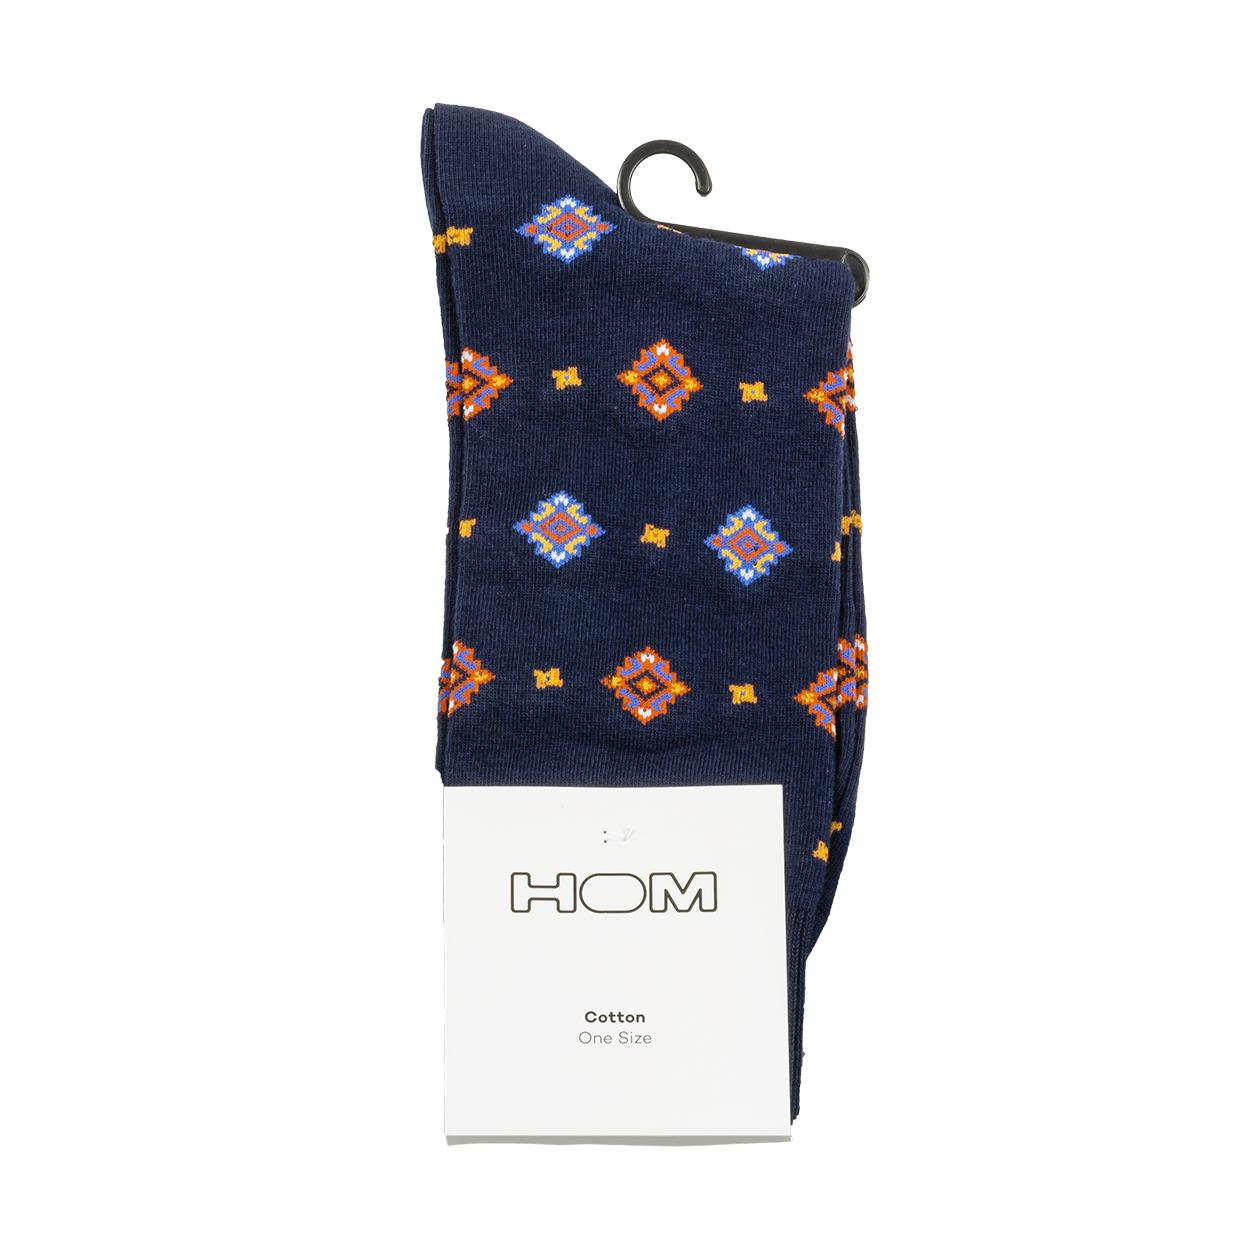 Paire de chaussettes  marius en coton stretch mélangé bleu marine à motifs multicolores